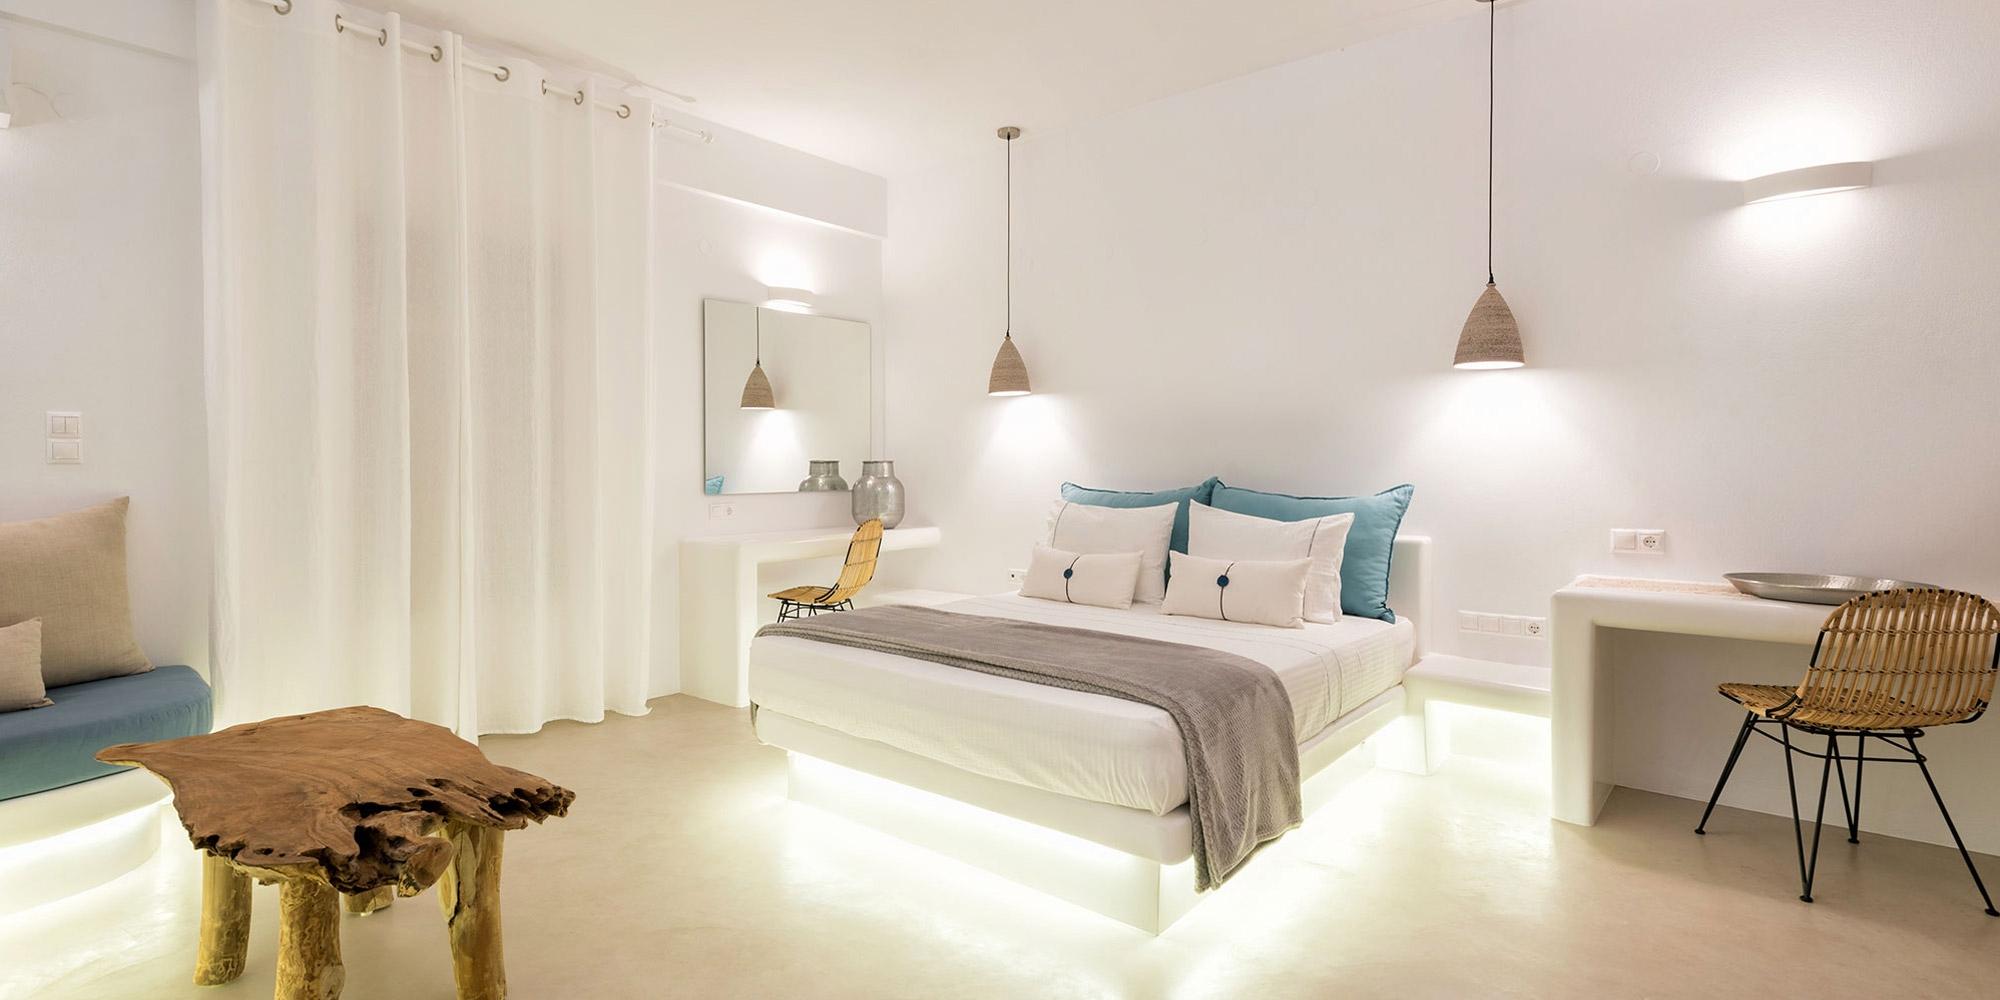 Exclusive suite con vista mare e piscina privata jacuzzi paros alberghi suites alloggio - Suite con piscina privata ...